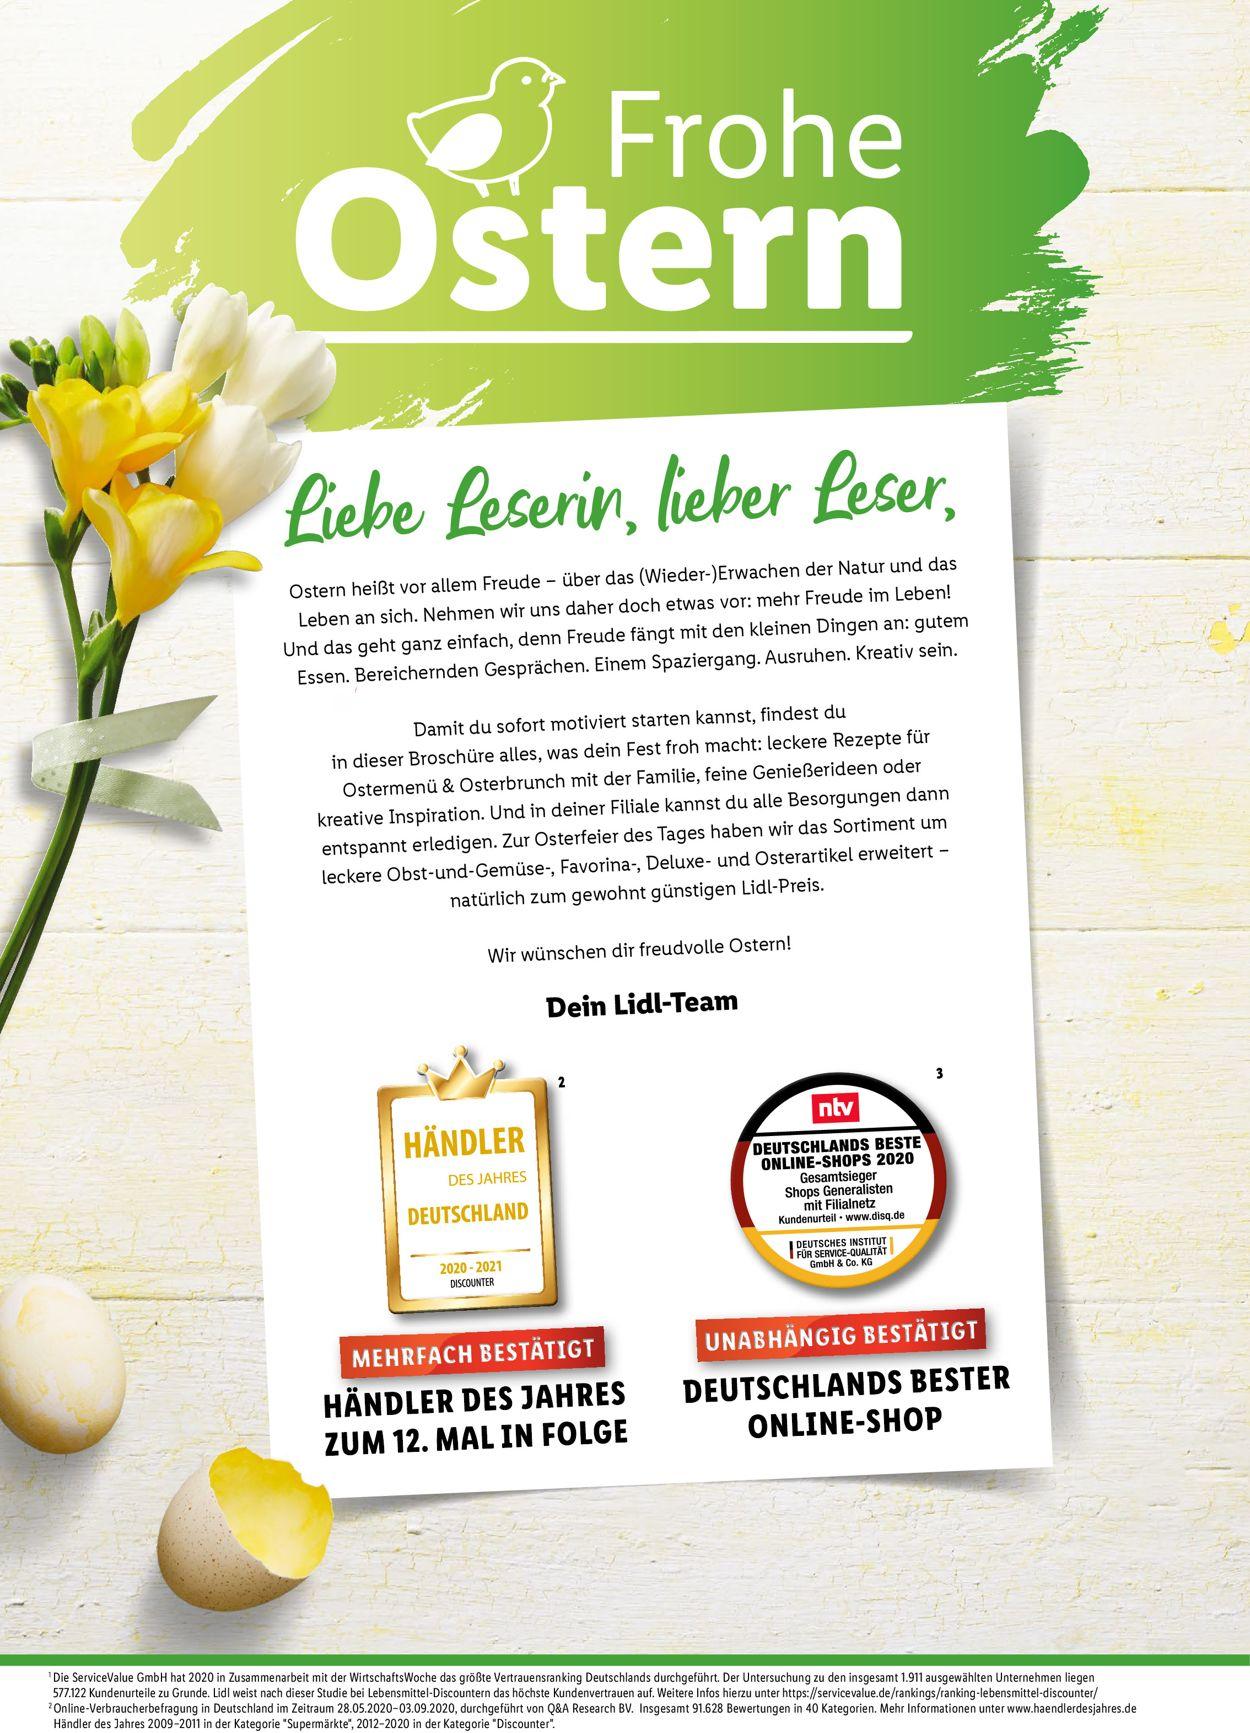 Lidl-Reisen Ostermagazin 2021 Prospekt - Aktuell vom 15.03-05.04.2021 (Seite 2)